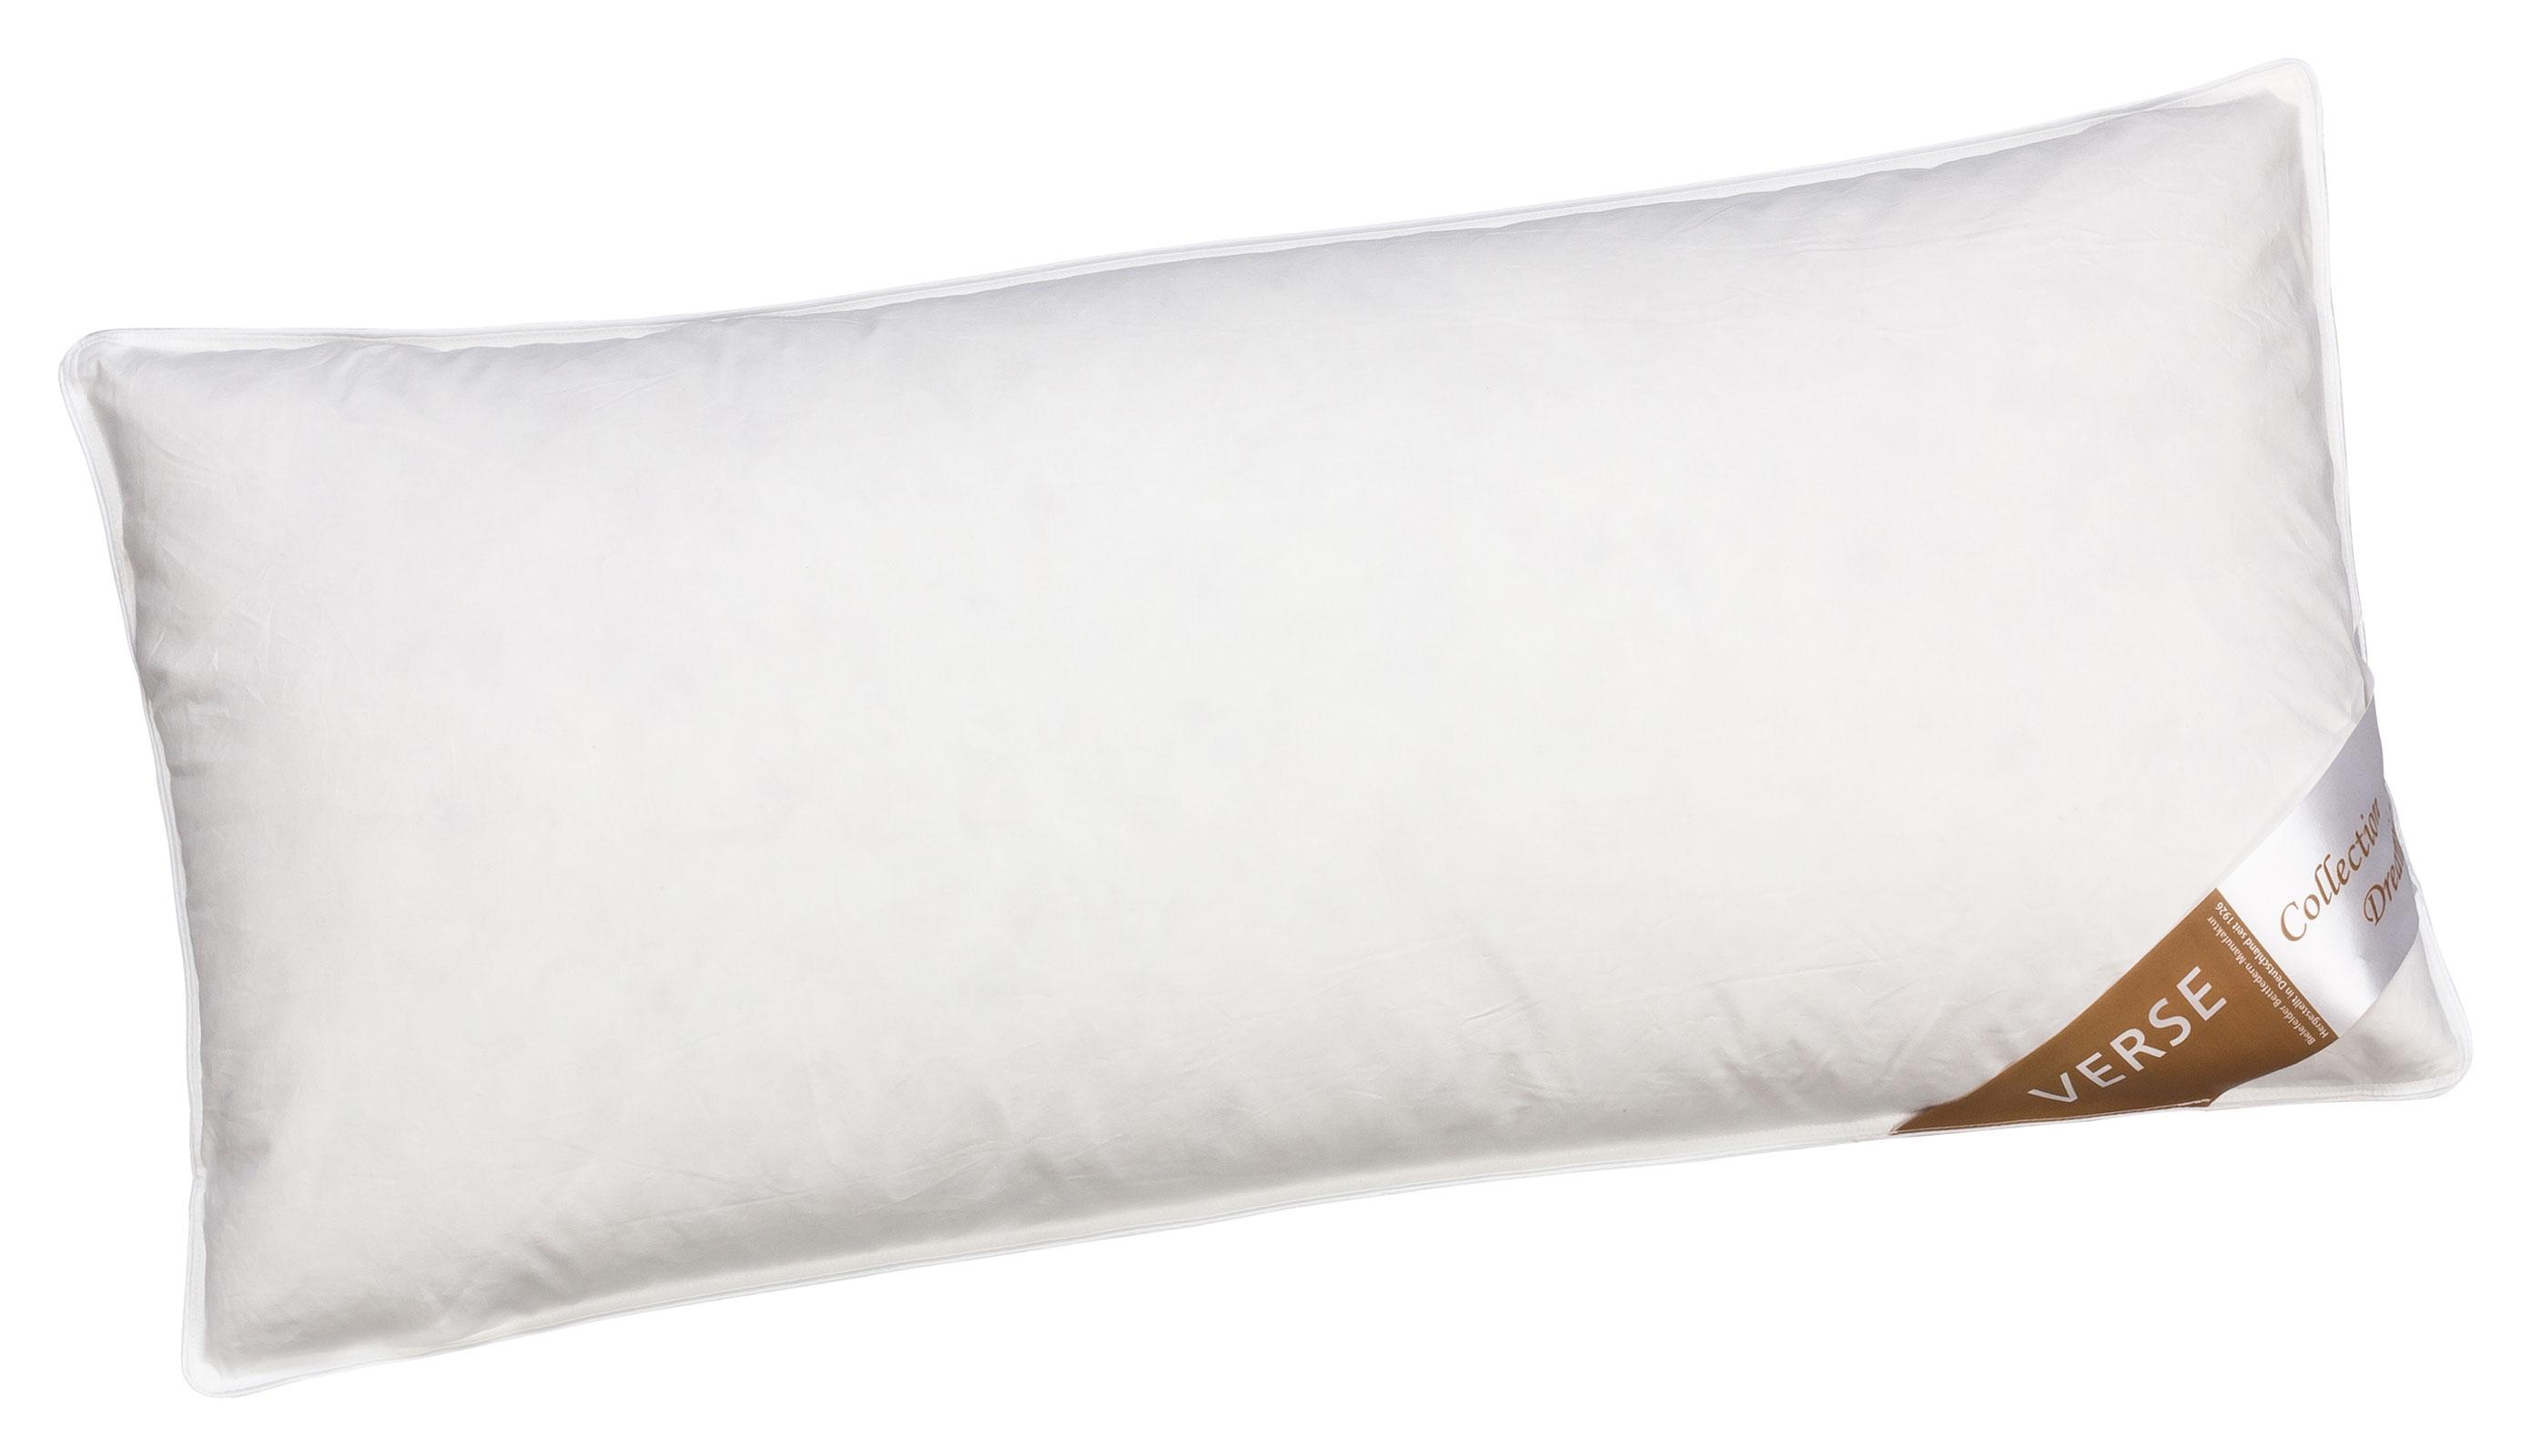 Bettdecken und Kopfkissen - Kopfkissen Daunen Kissen 40x80 extra weich 500g 70 Federn 30 Daunen Verse Collection Dreaming  - Onlineshop PremiumShop321